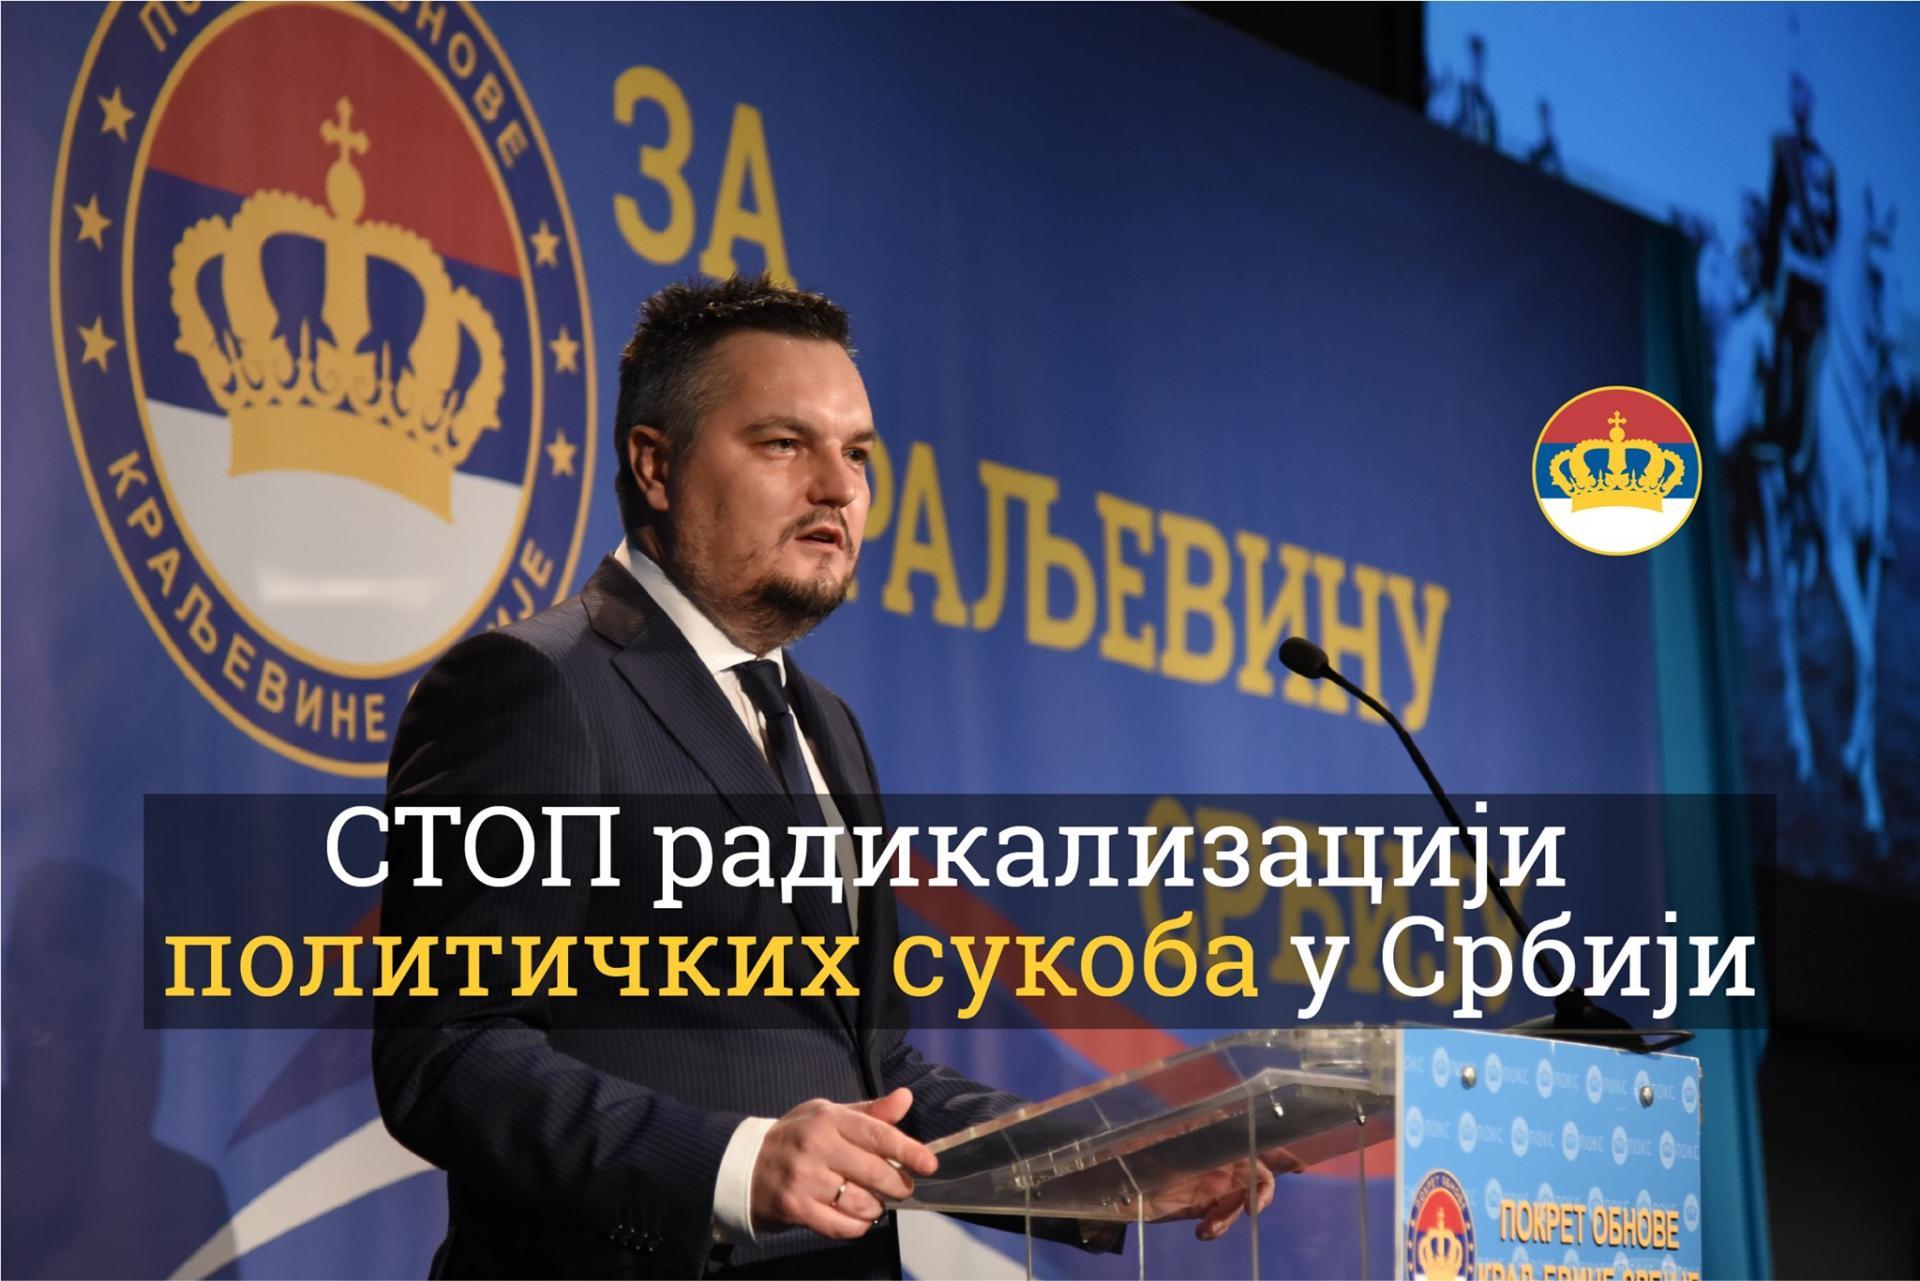 Le député POKS? Zika Gojkovic?  en campagne